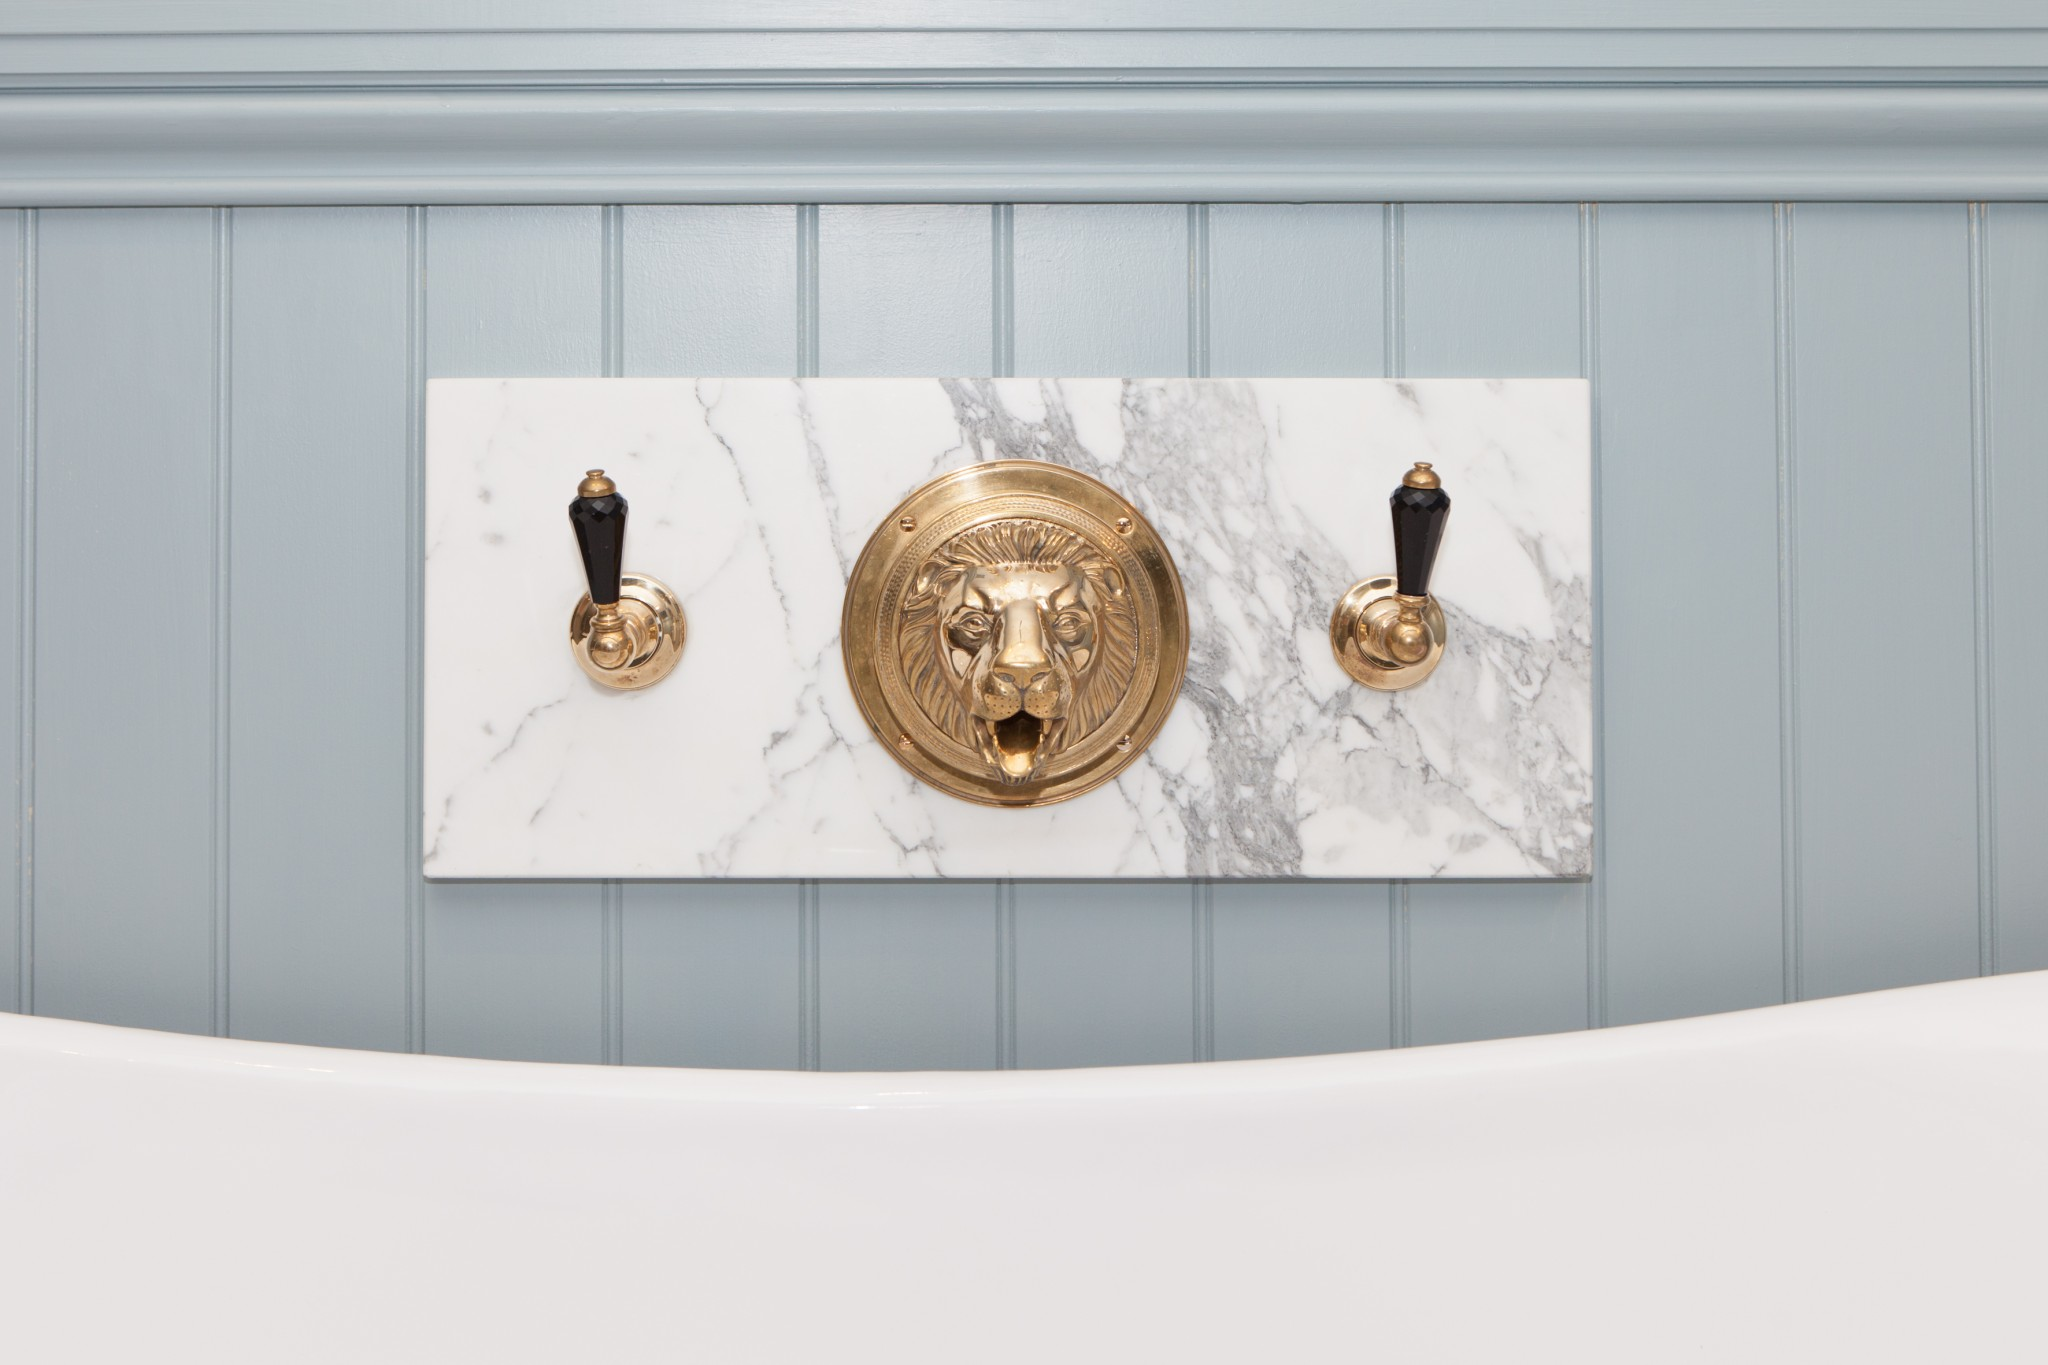 Lion Bath/Basin Filler | Chadder & Co.